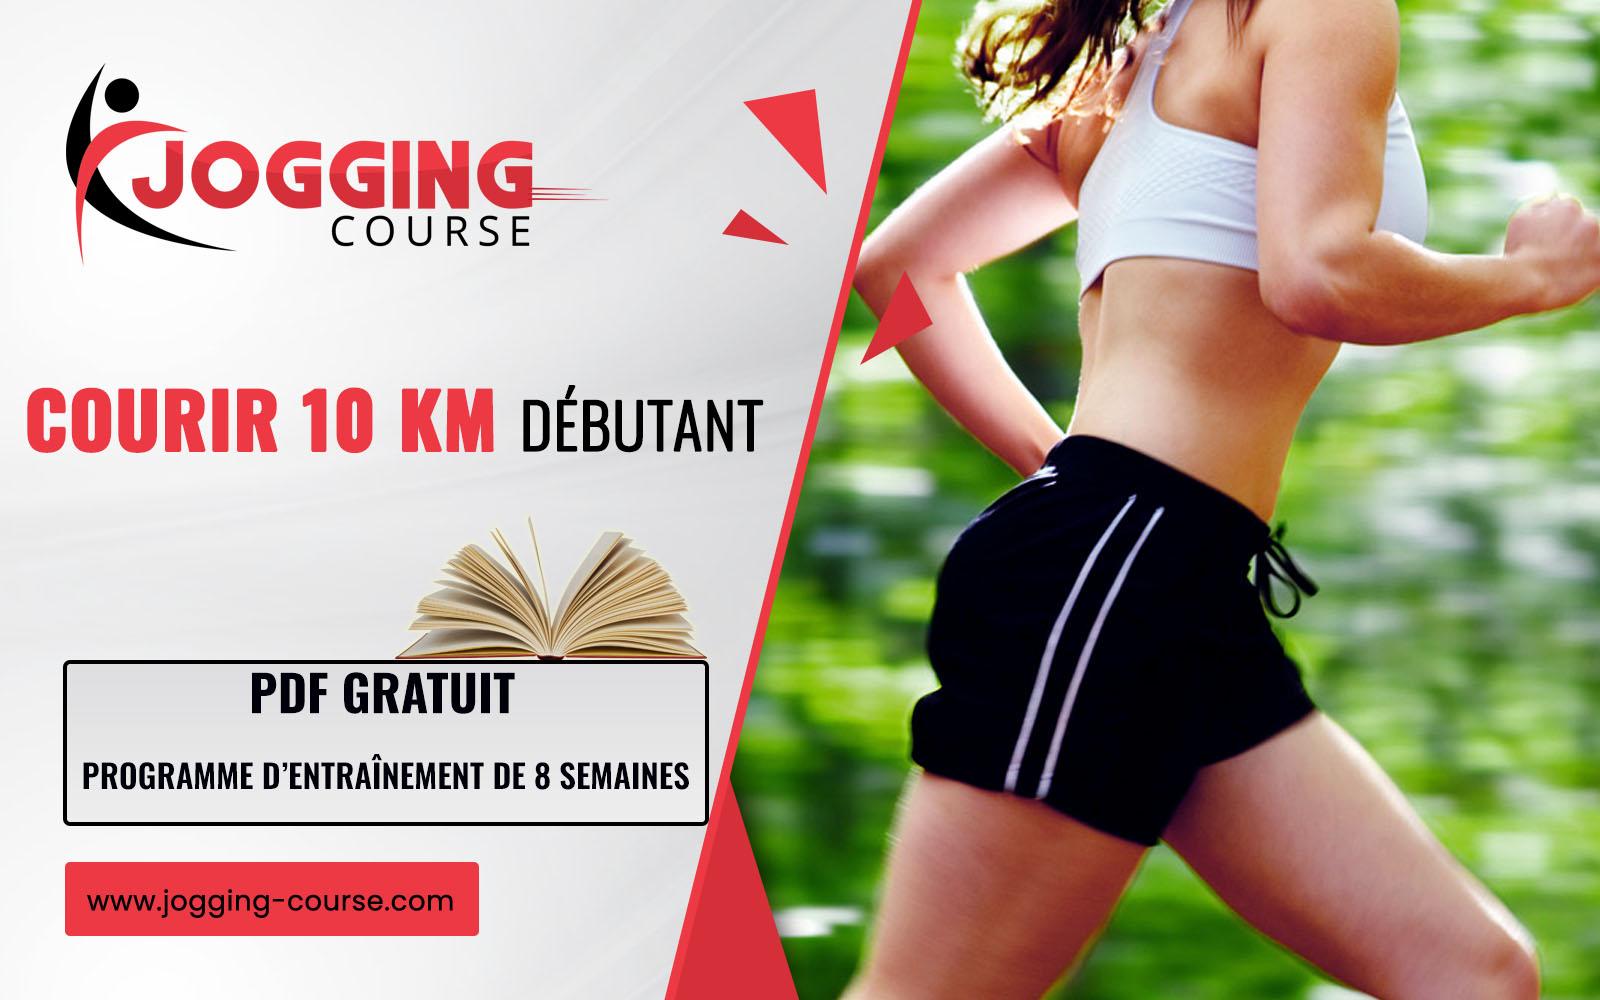 courir 5 km par jour pour maigrir